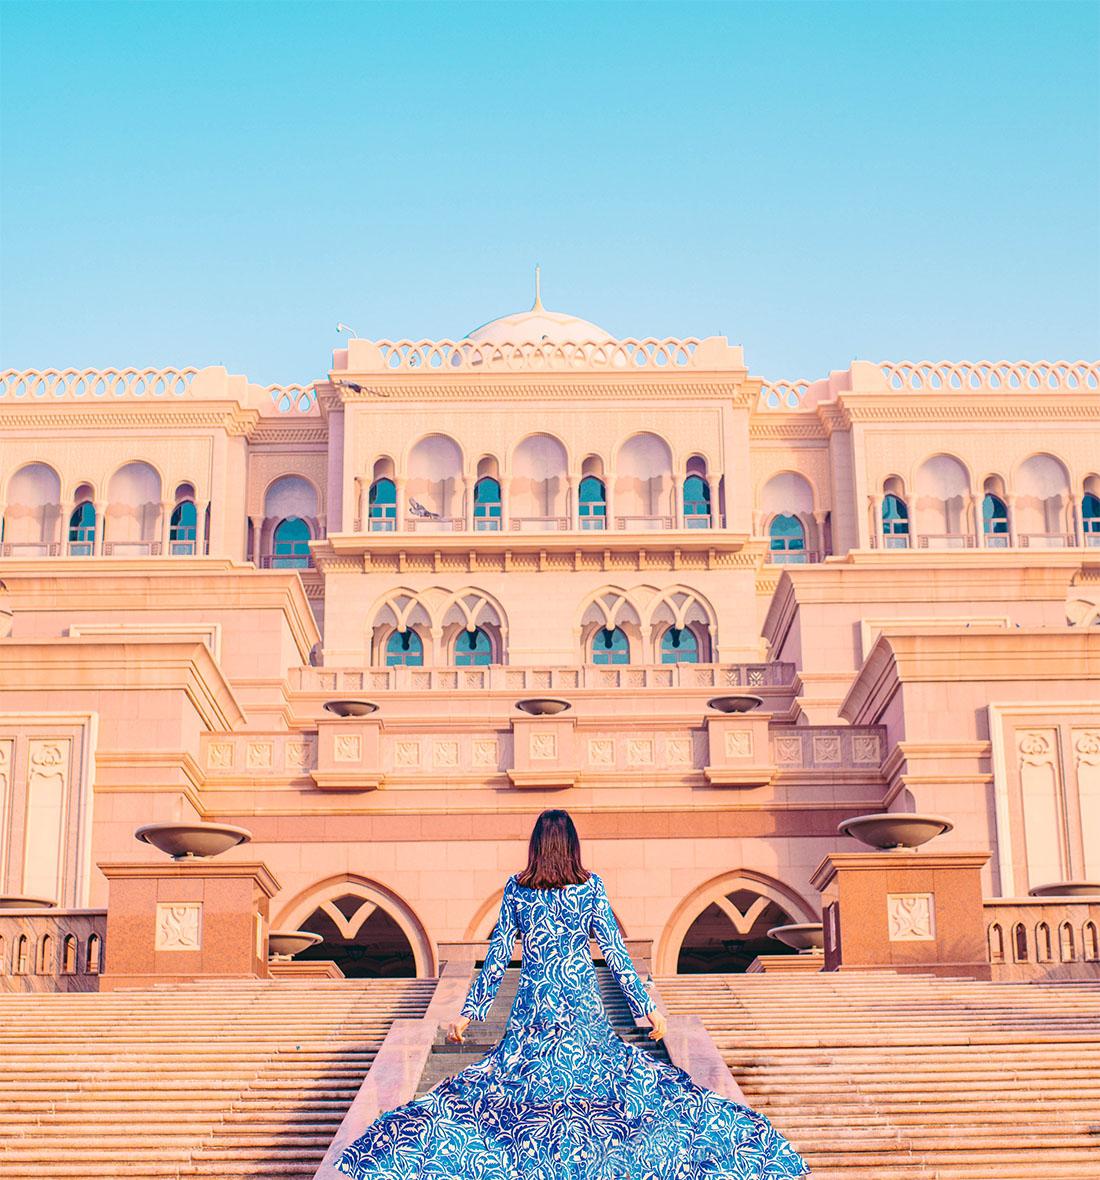 Emirates Palace, Abu Dhabi Hotels, Luxury Abu Dhabi Hotels, 5 Stars Hotels in Abu Dhabi, Emirates Palace Gold Flakes